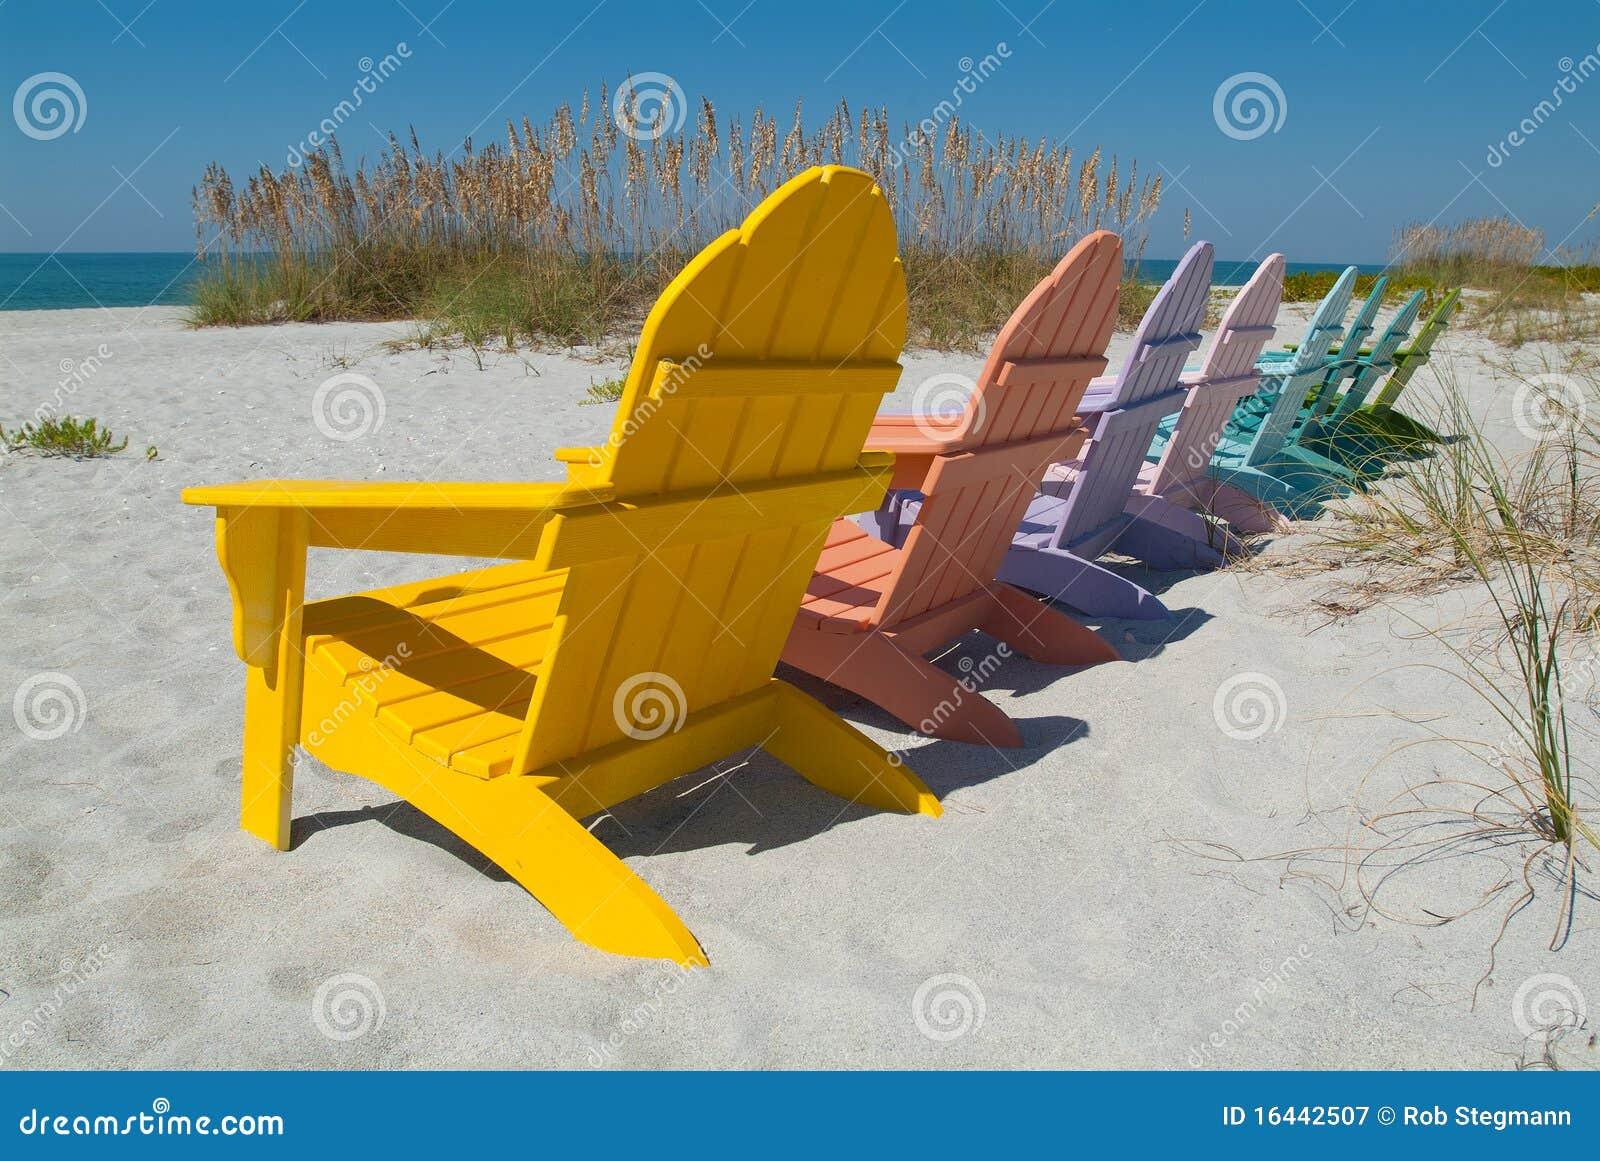 Cadeiras De Madeira Na Praia Fotografia de Stock Royalty Free Imagem  #C79D04 1300x960